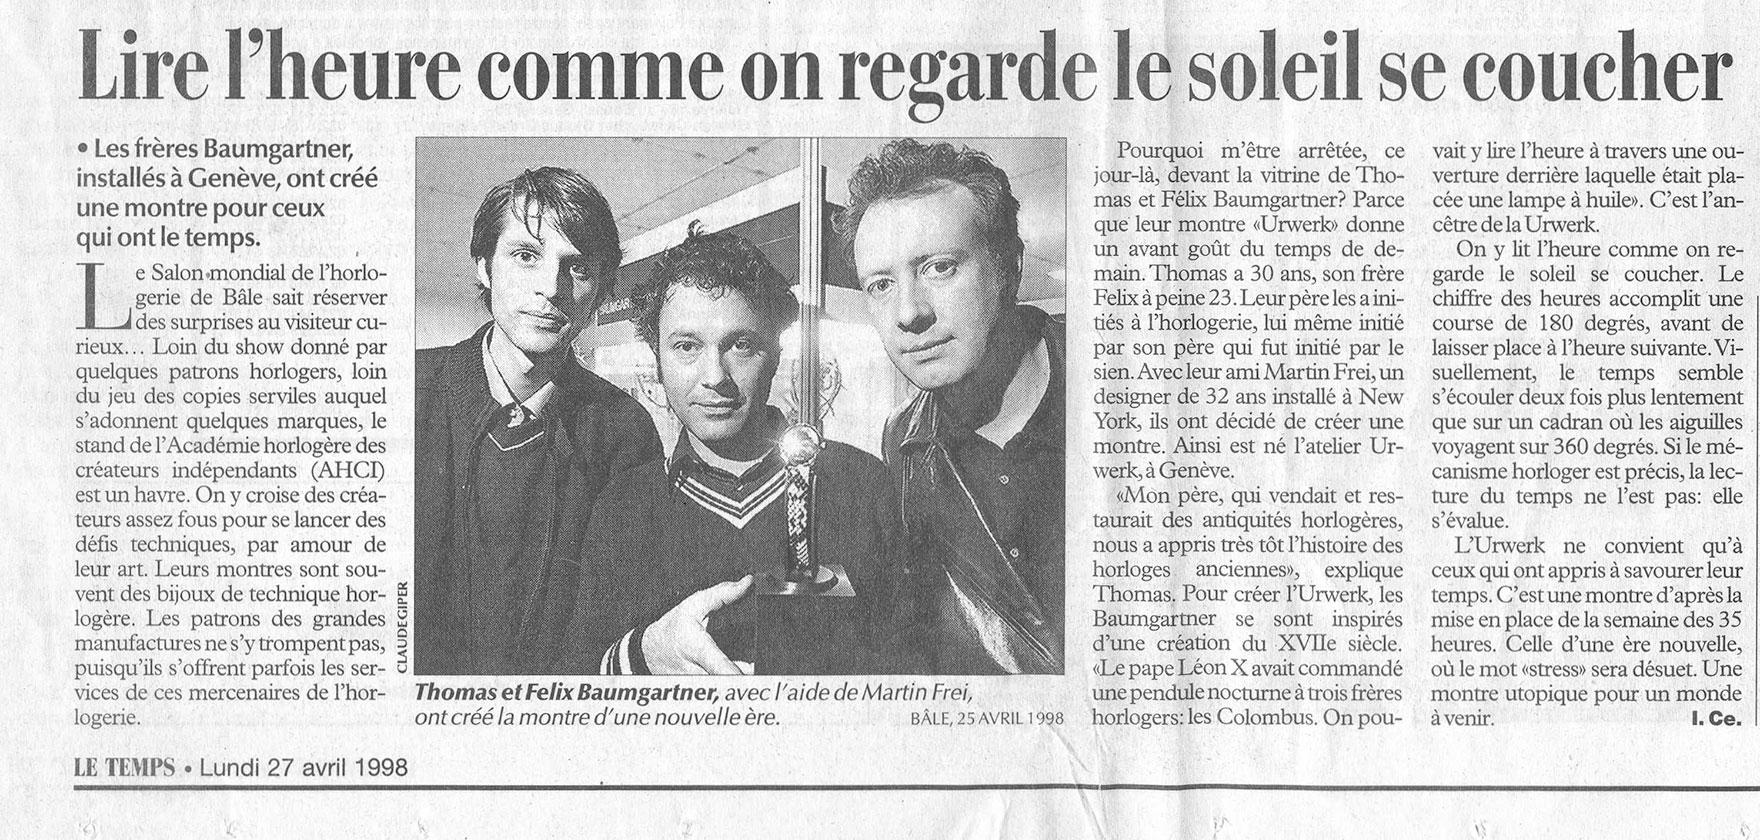 Le Temps, April 1998